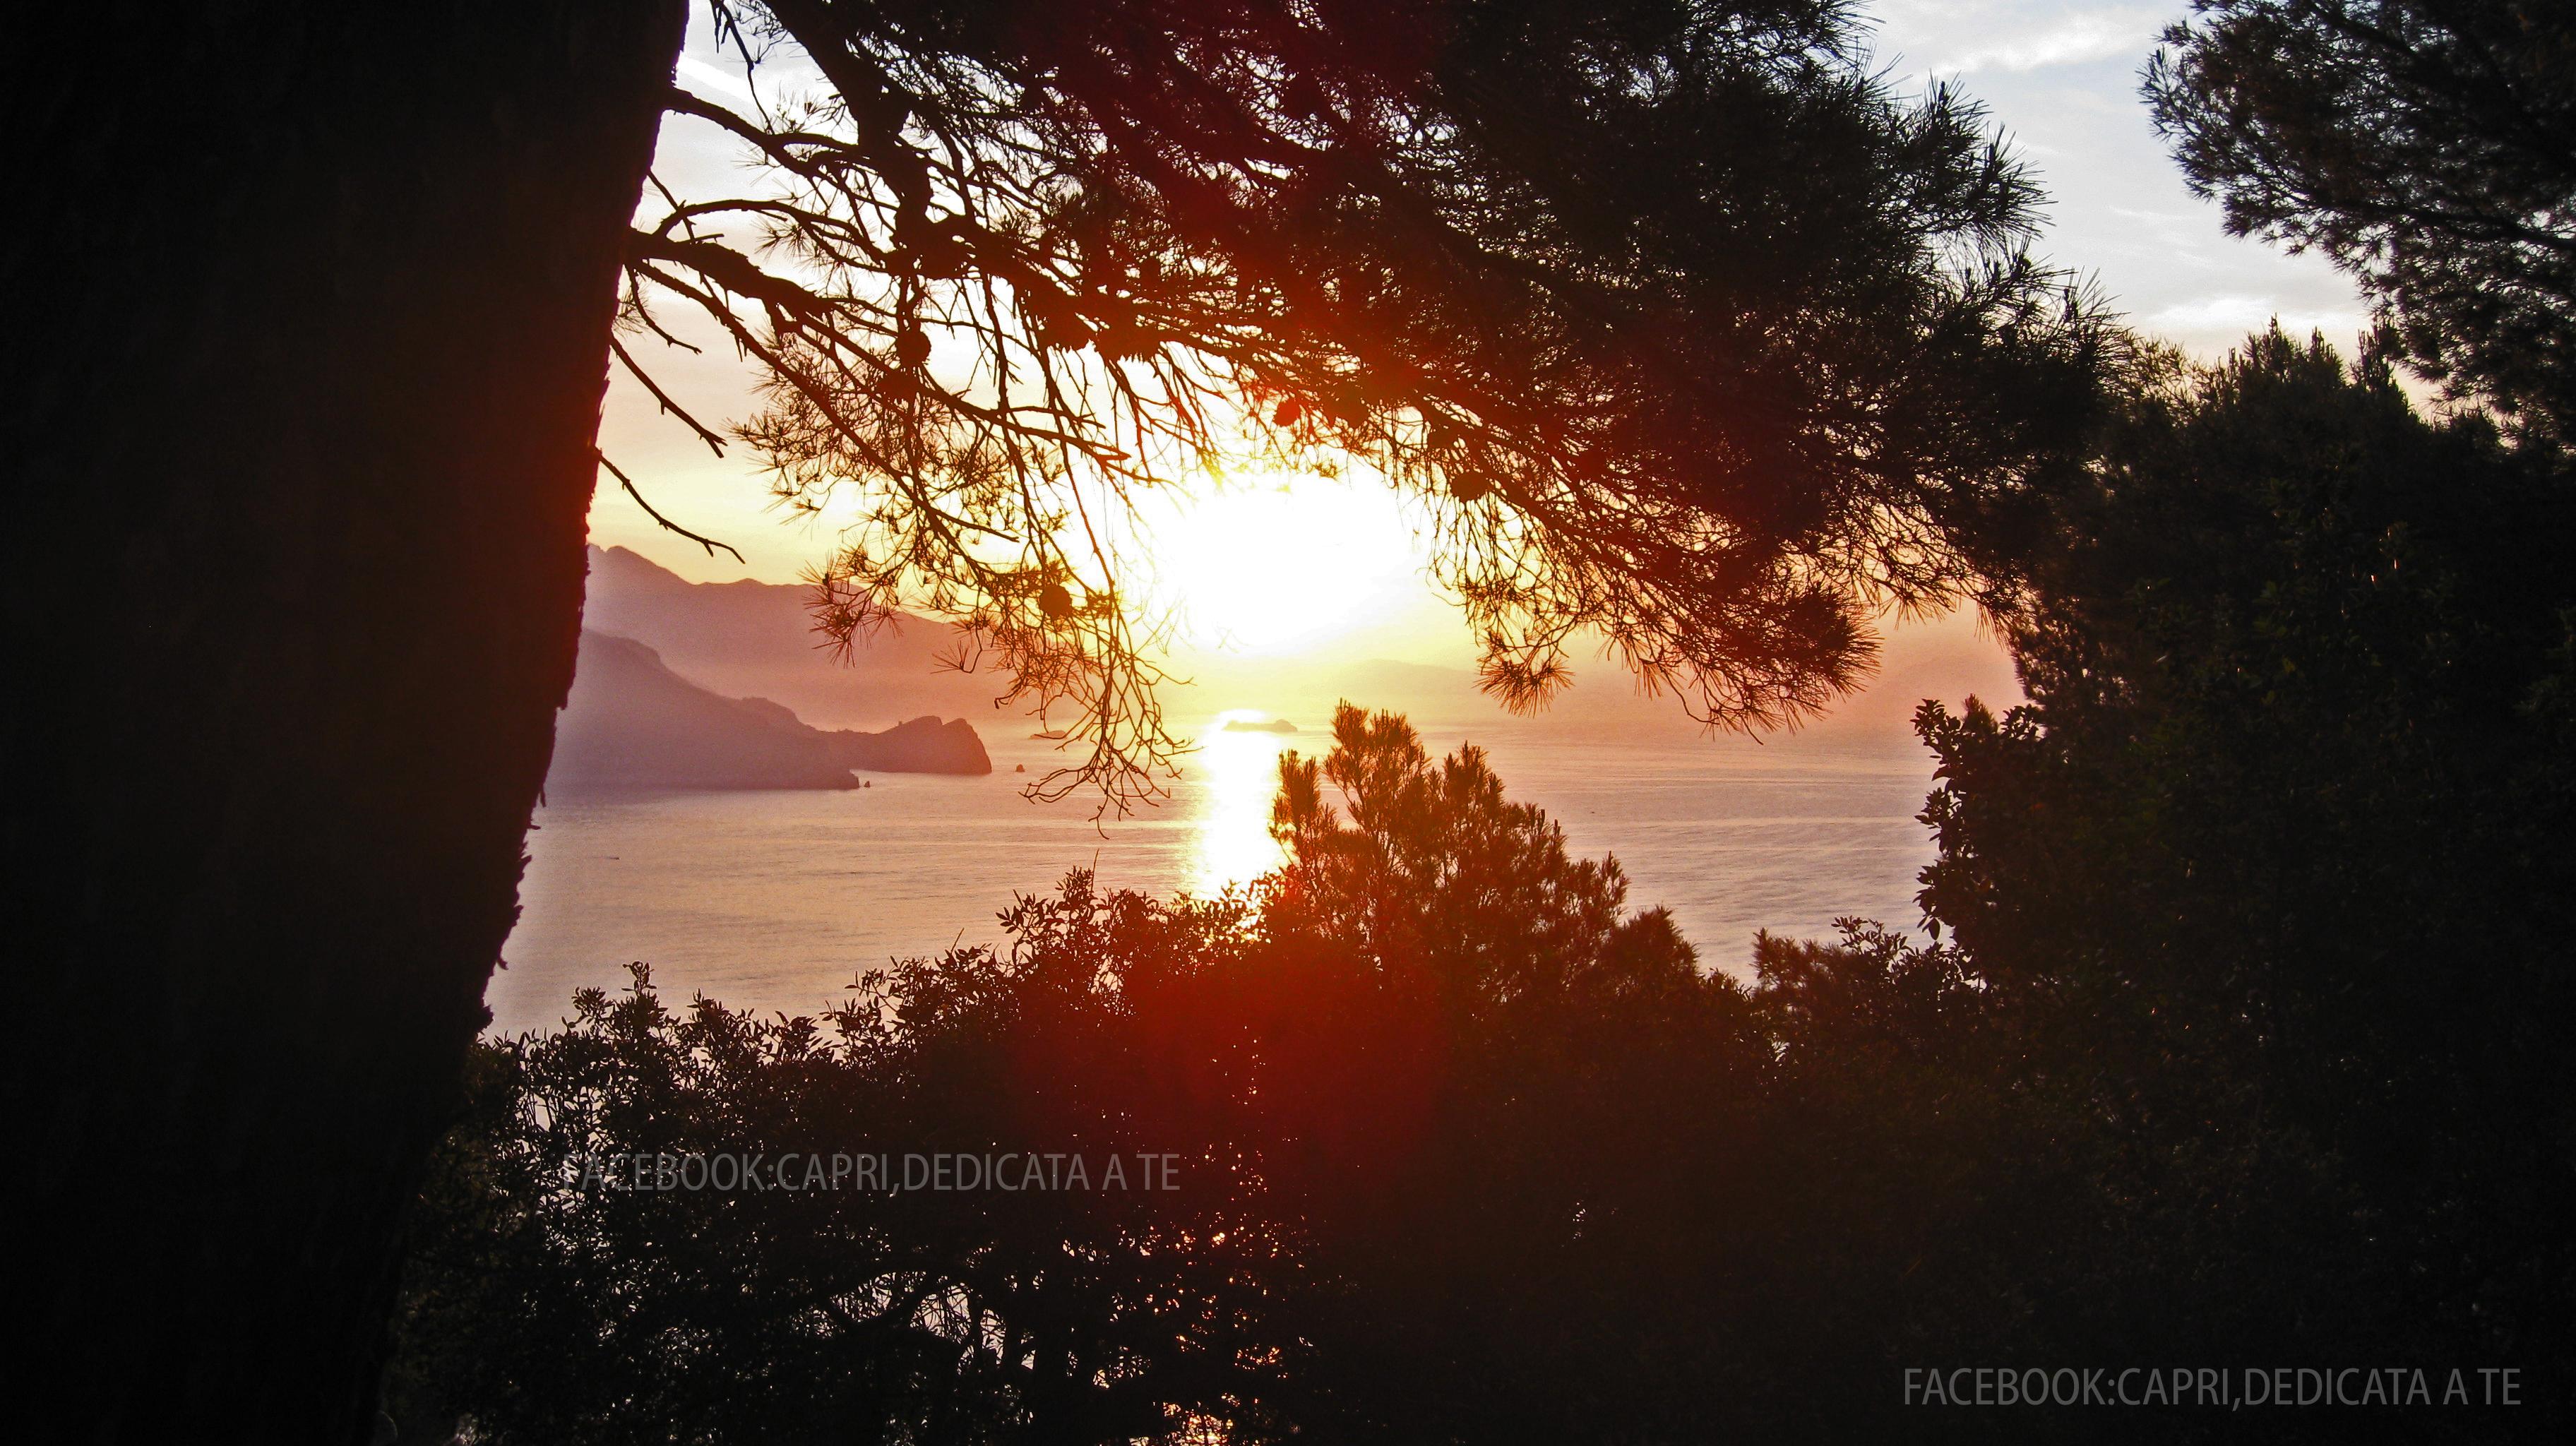 Capri, una nuova meravigliosa alba d'autunno